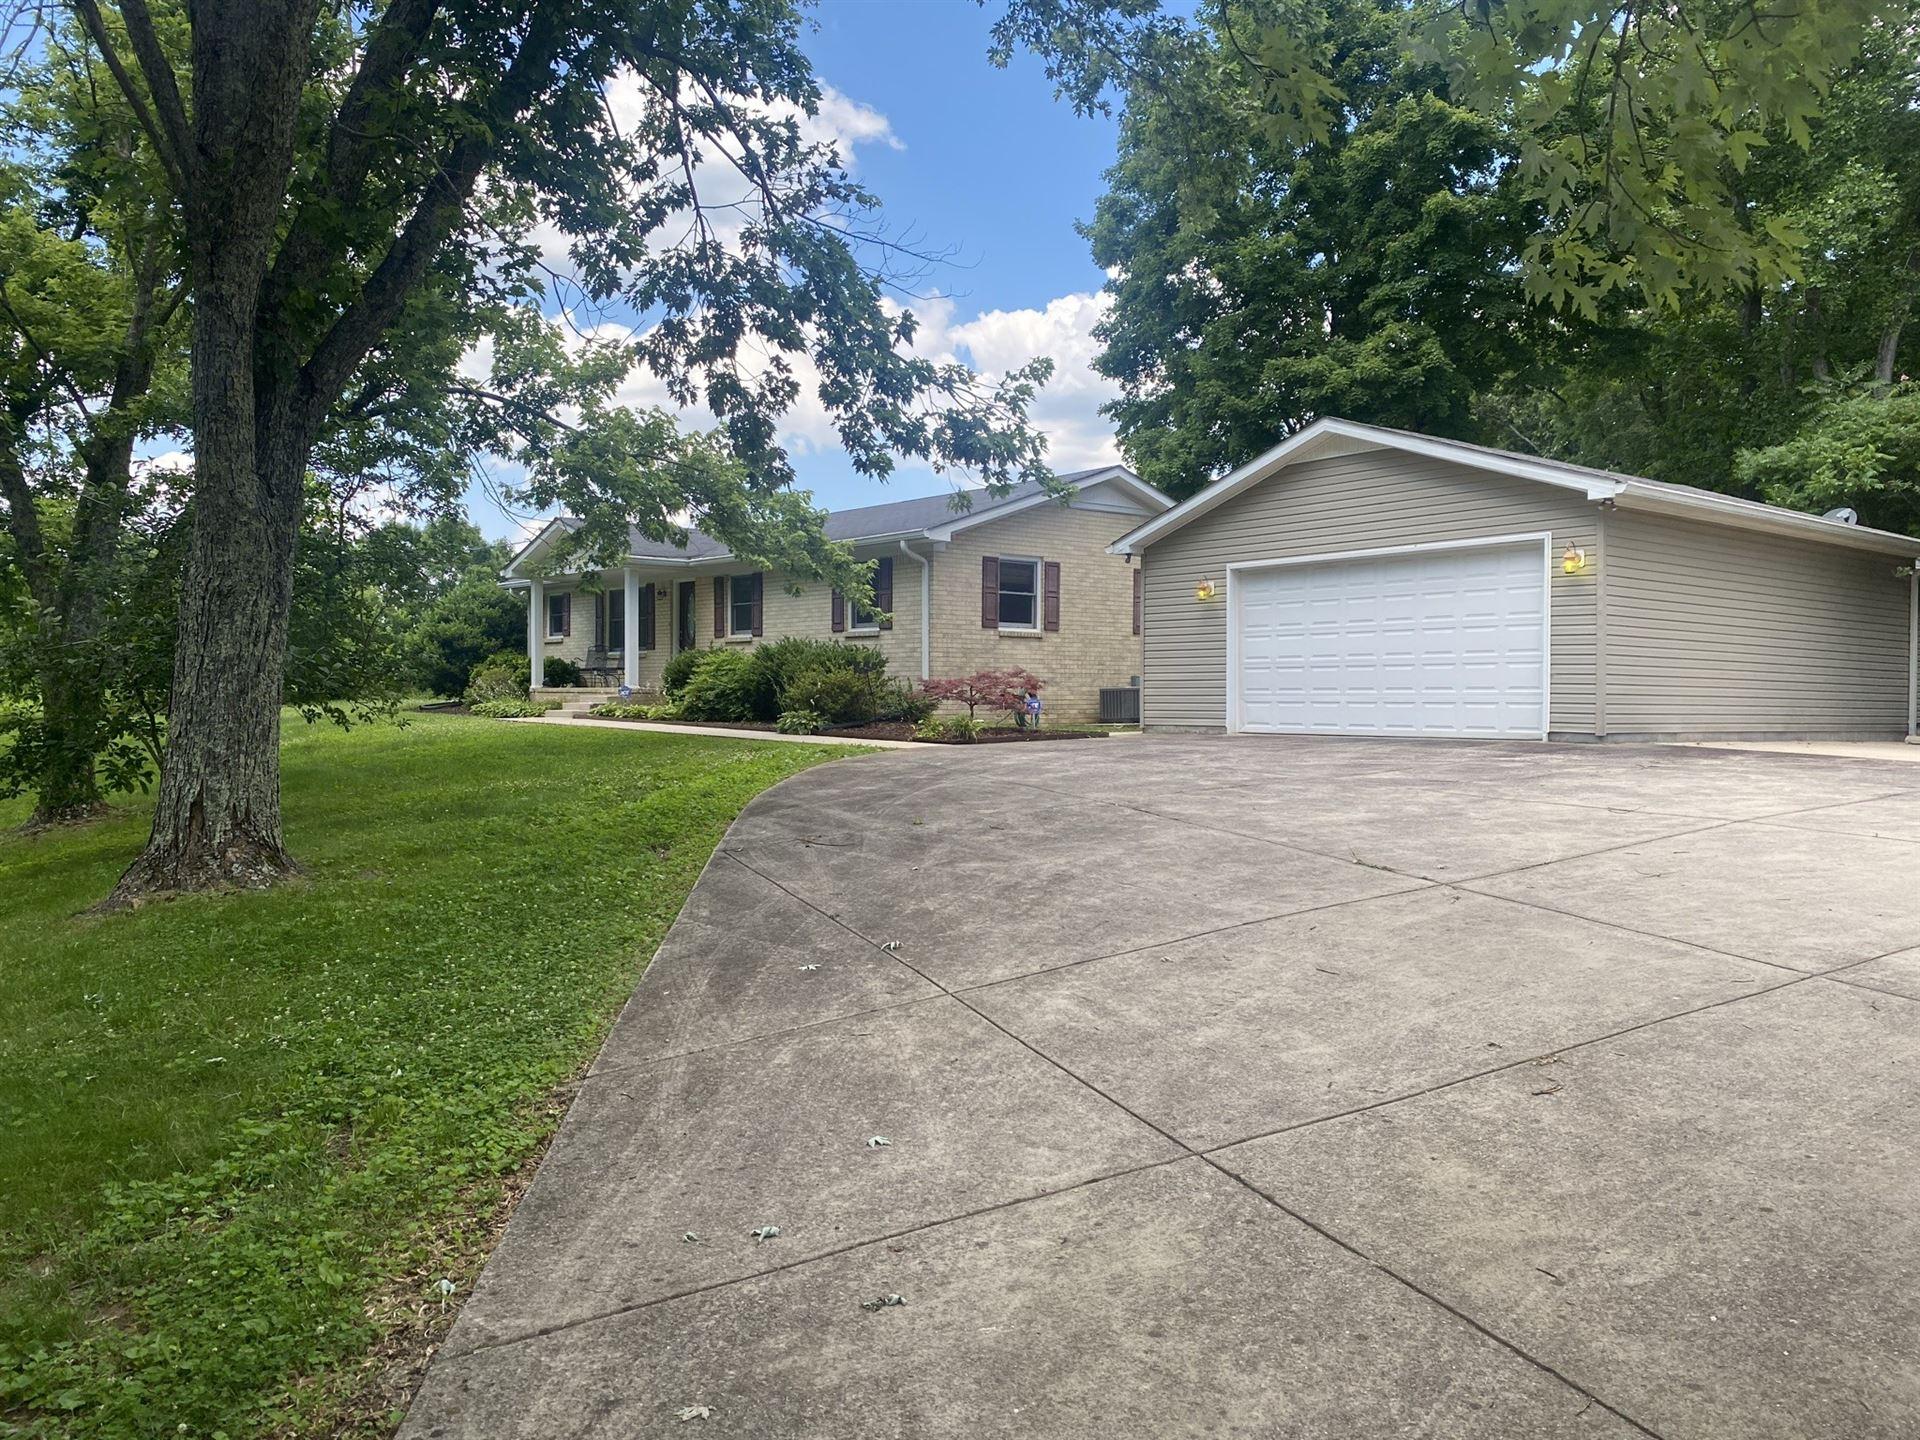 Photo of 818 Dale Ridge Rd, Dowelltown, TN 37059 (MLS # 2264489)